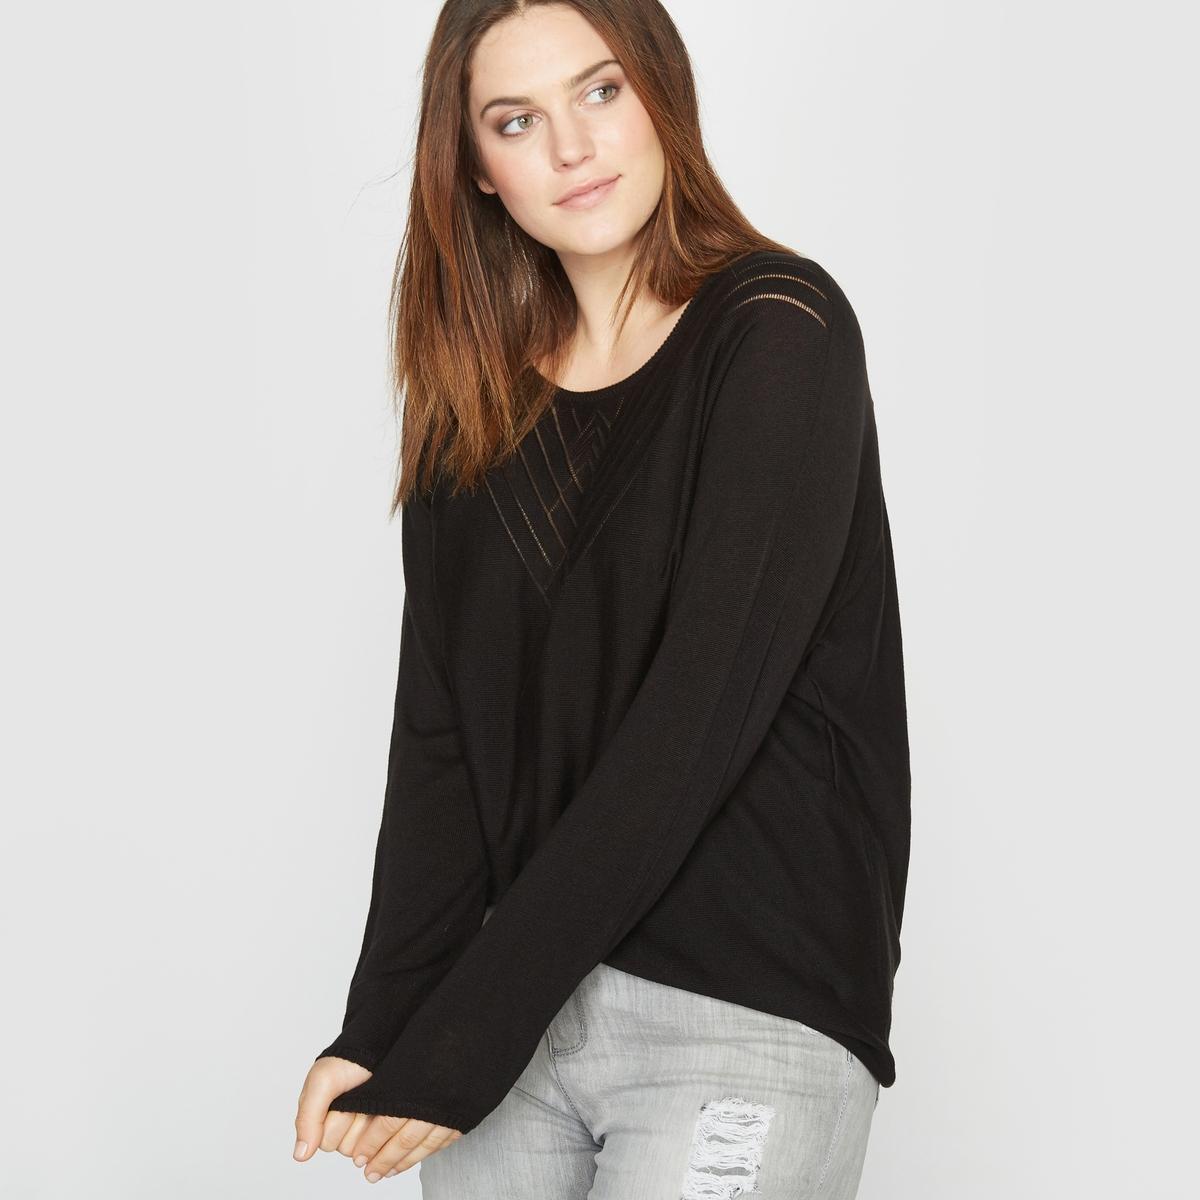 Пуловер с круглым вырезом, ажурная вязка.Состав и описание:Материал:  100% акрила.Длина: 65 см.Марка: CASTALUNA.Уход: - Машинная стирка при 40°C, деликатный режим.<br><br>Цвет: черный<br>Размер: 46/48 (FR) - 52/54 (RUS)